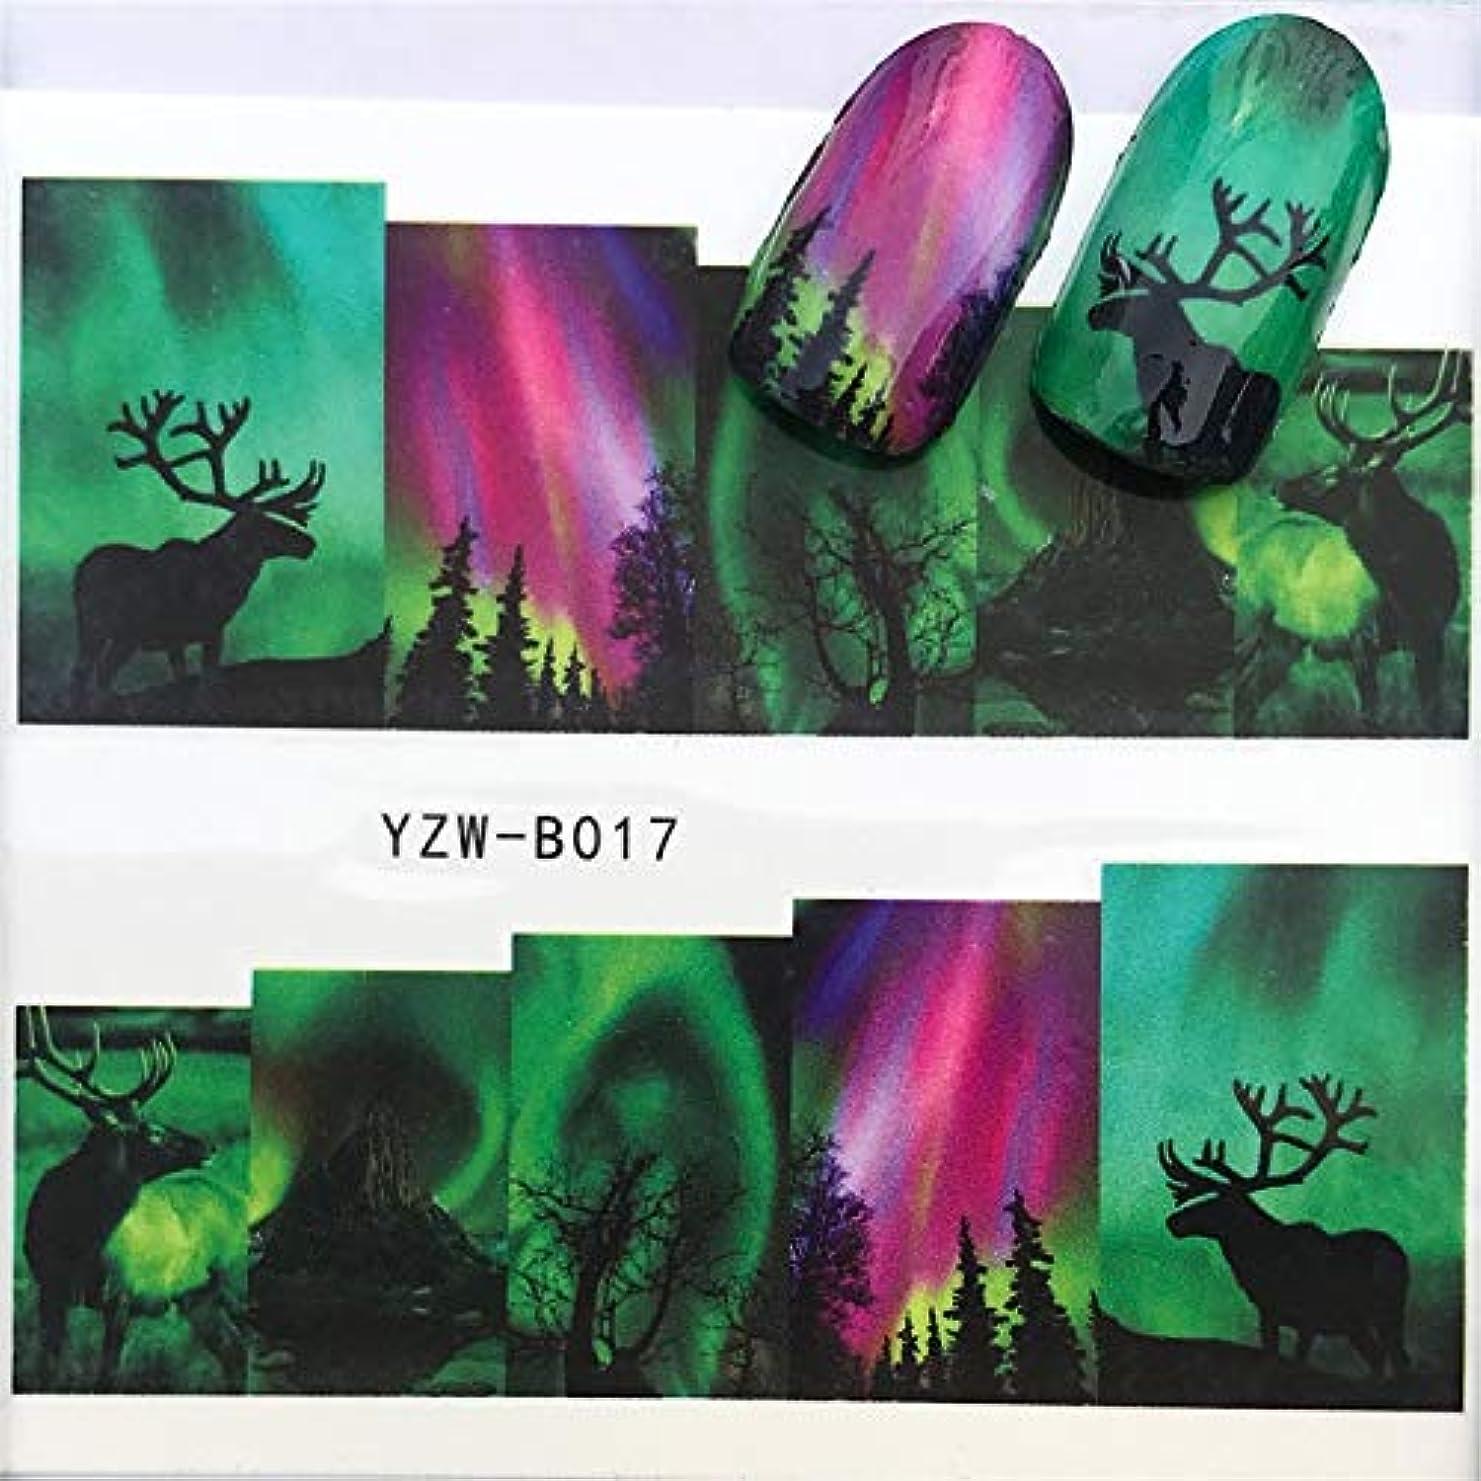 Yan 3個ネイルステッカーセットデカール水転写スライダーネイルアートデコレーション、色:YZWB018